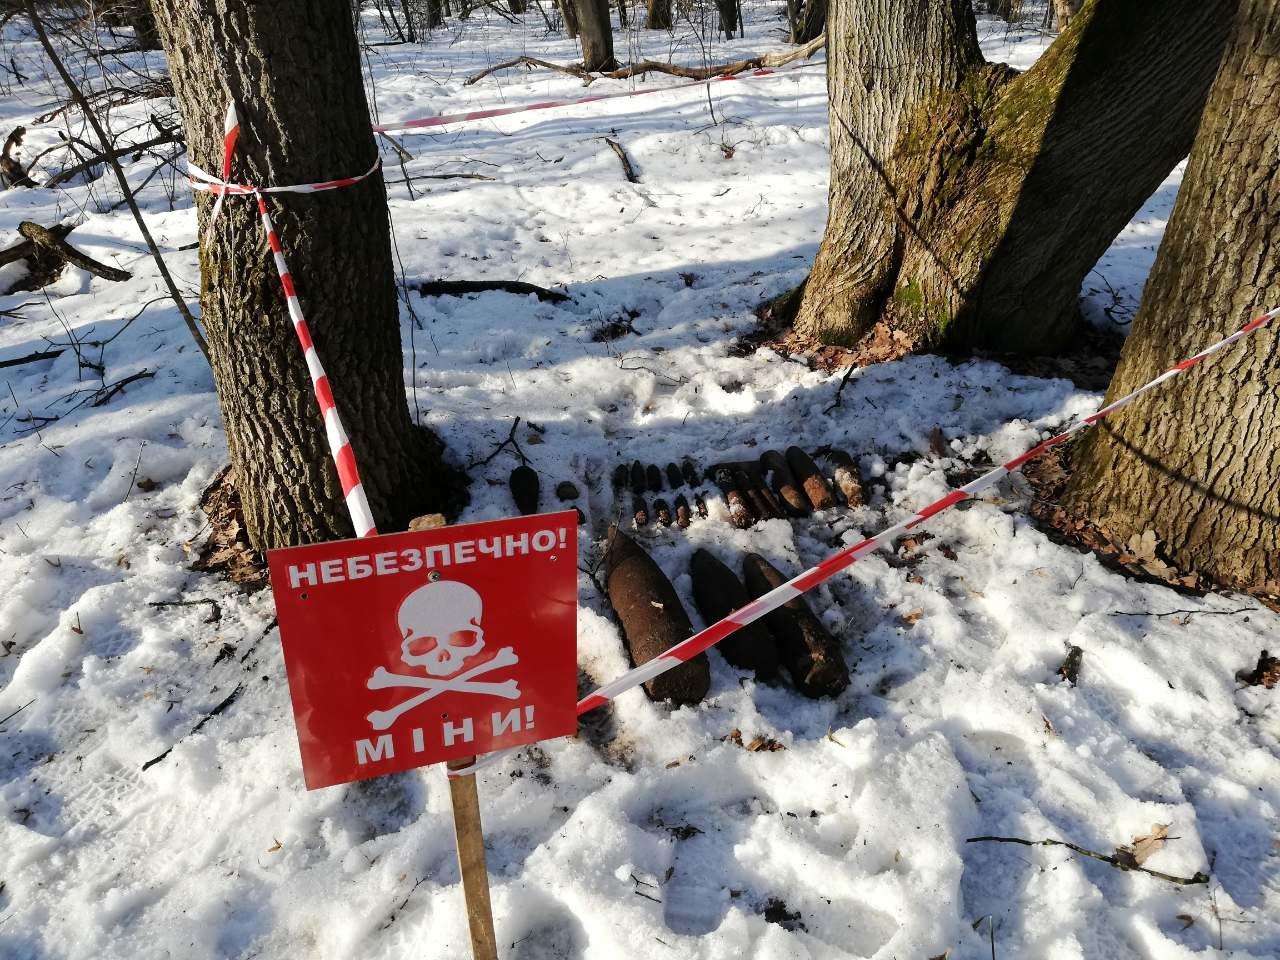 Під Білою Церквою розшукали та знешкодили 27 снарядів часів Другої світової, фото-3